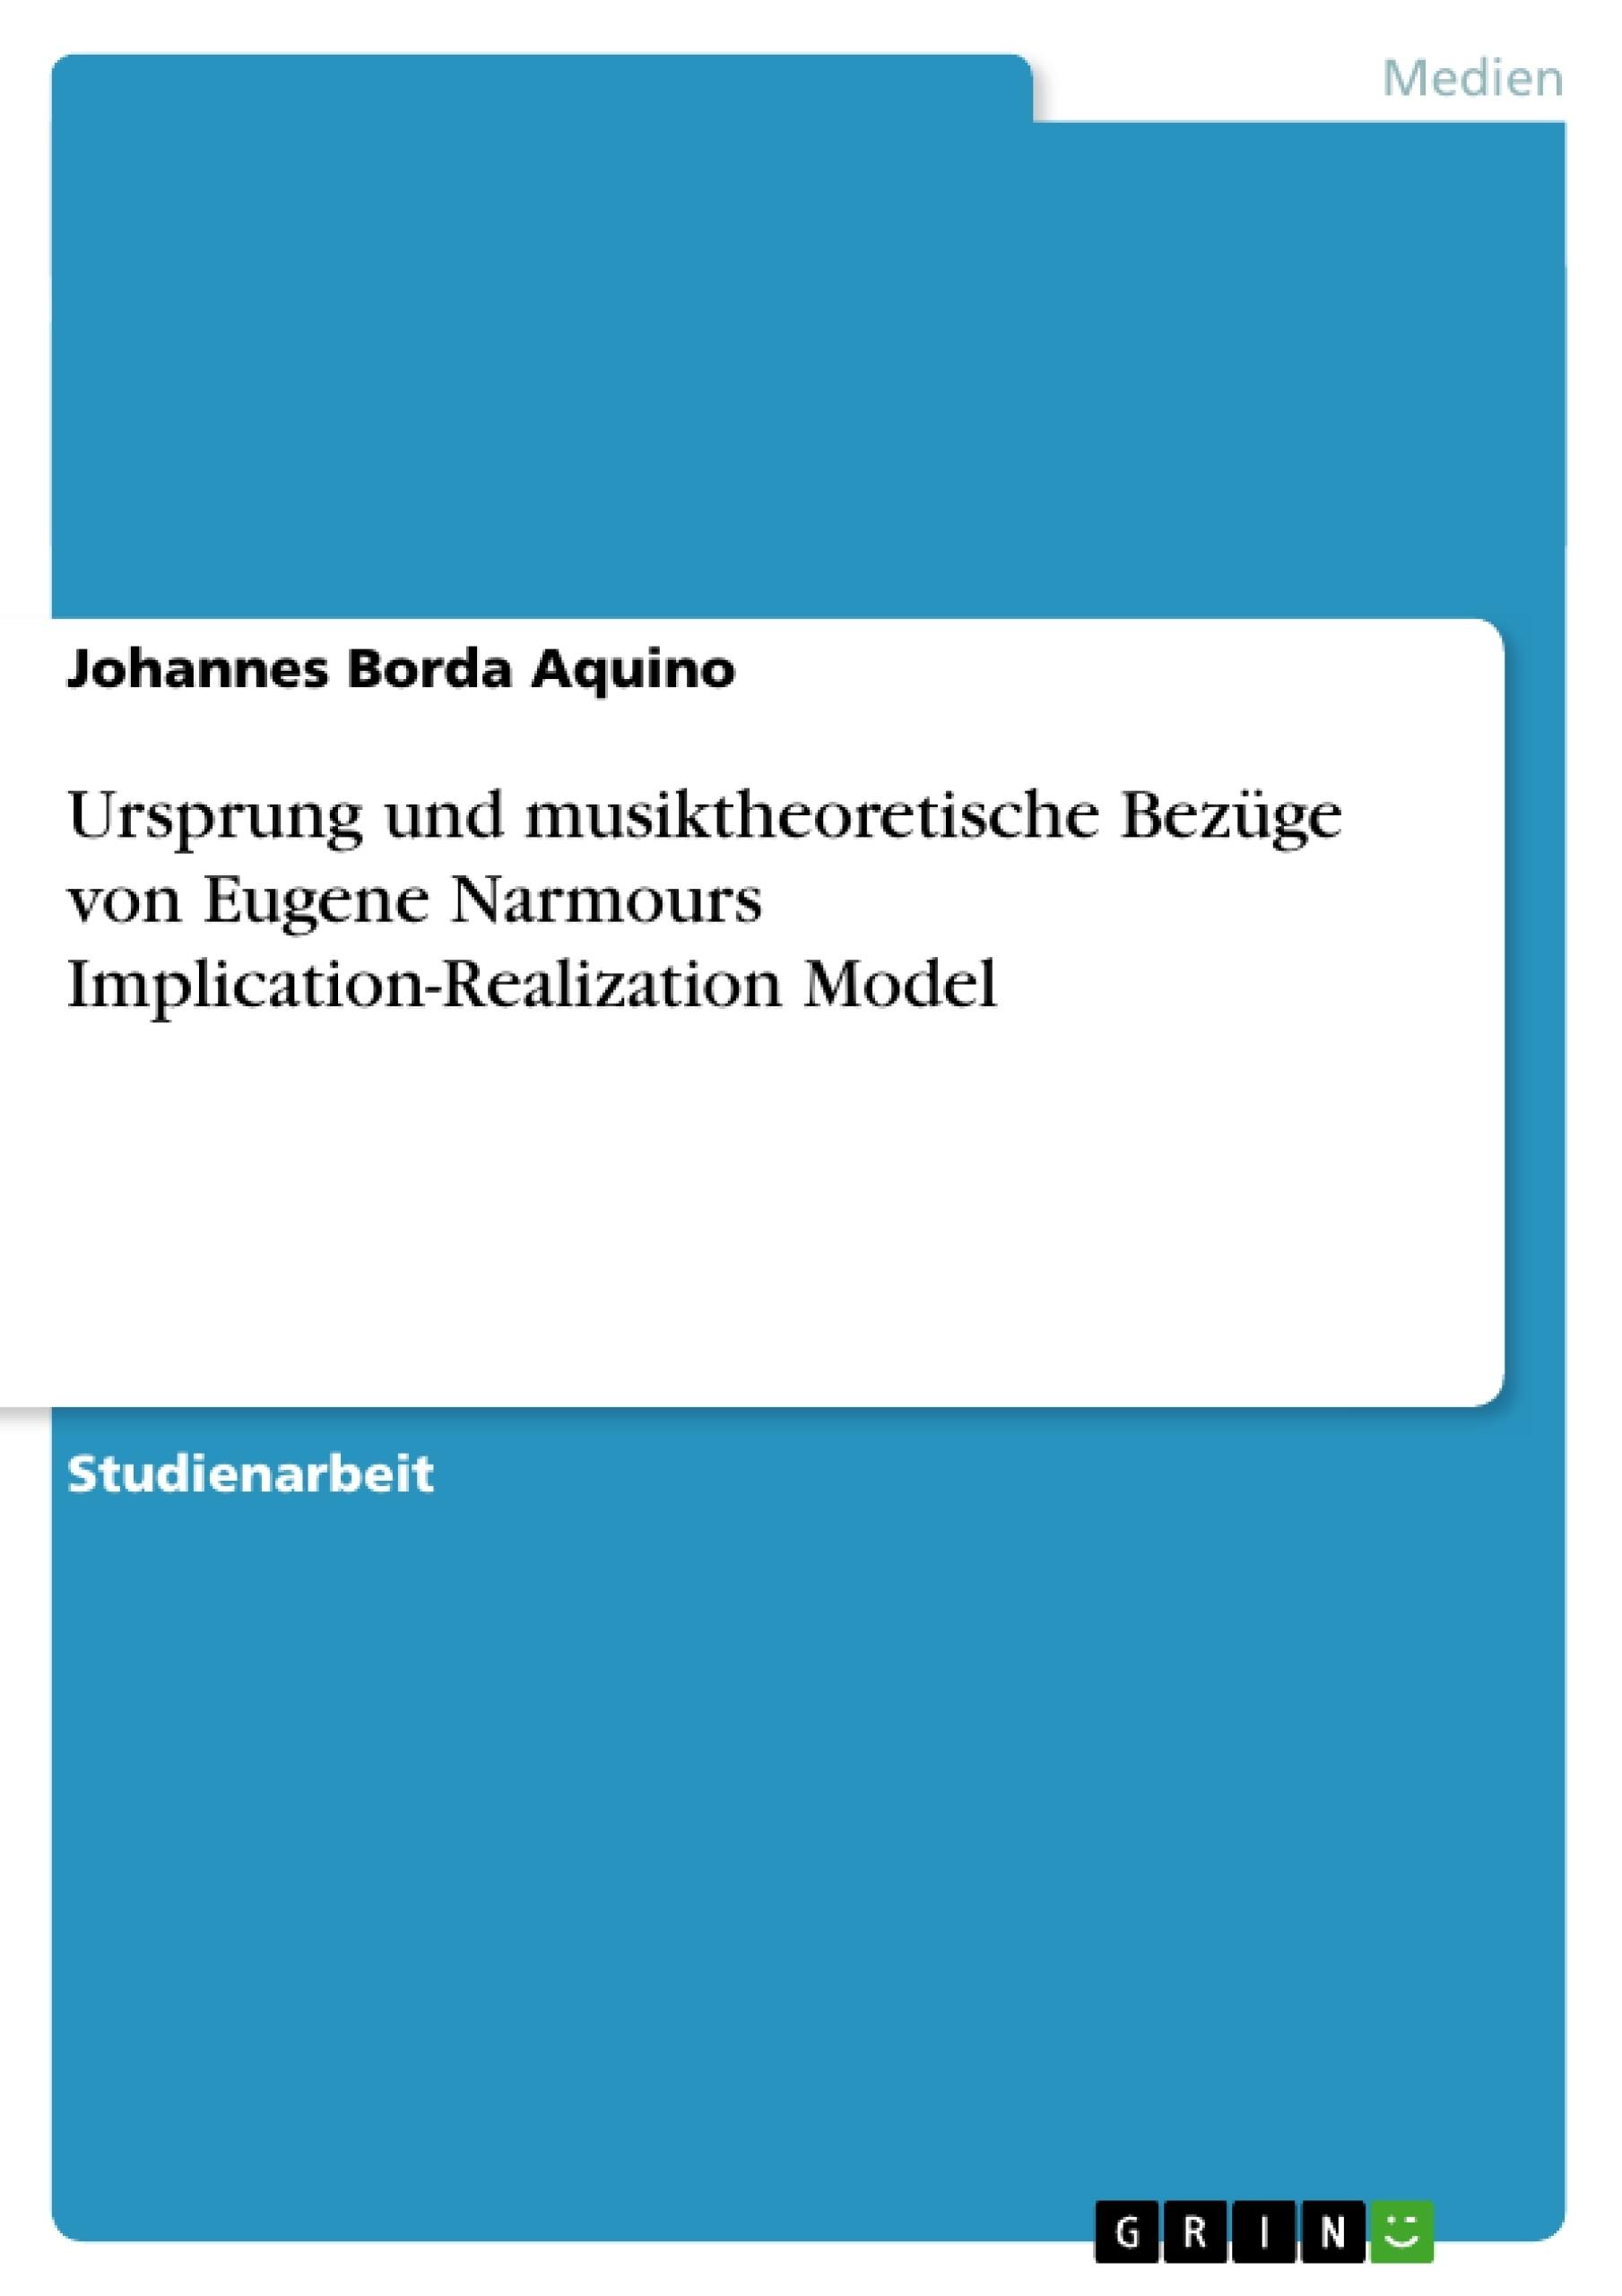 Titel: Ursprung und musiktheoretische Bezüge von Eugene Narmours Implication-Realization Model